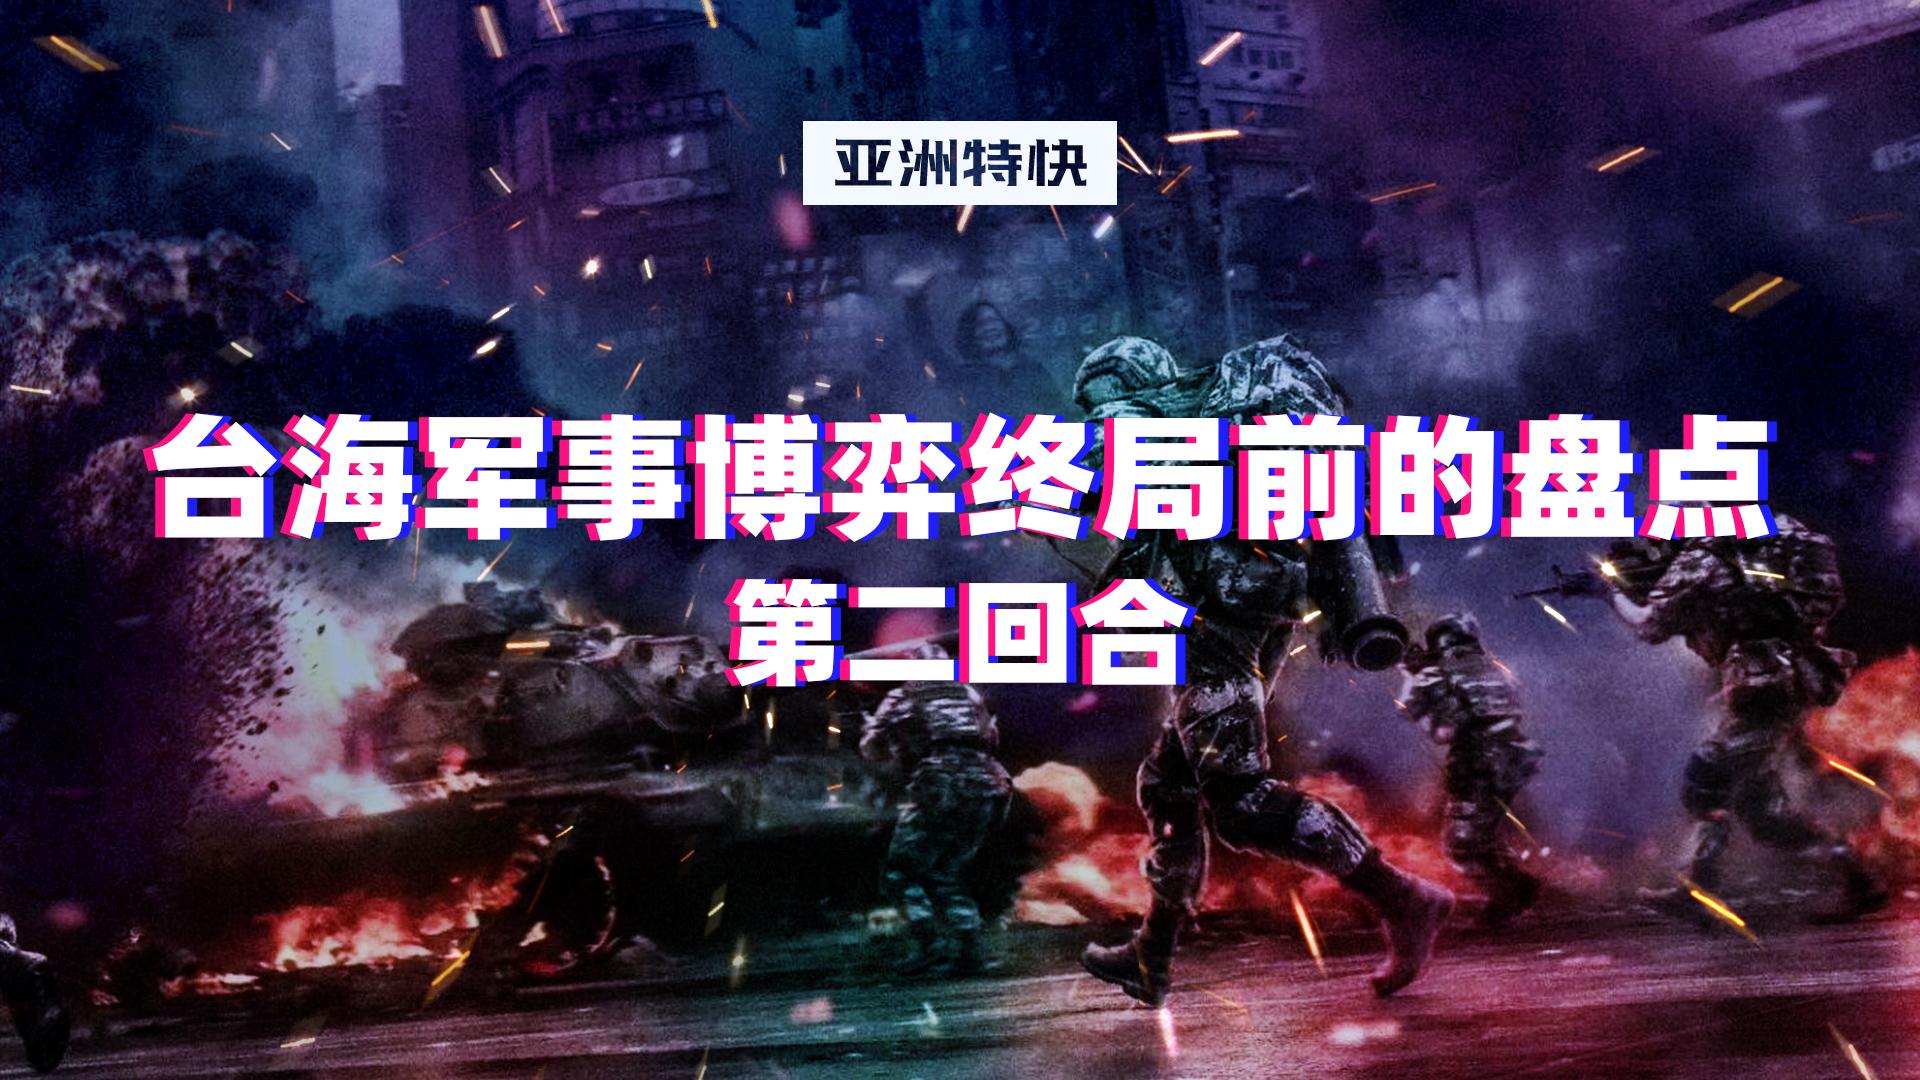 亚洲特快:台海军事博弈终局前的盘点